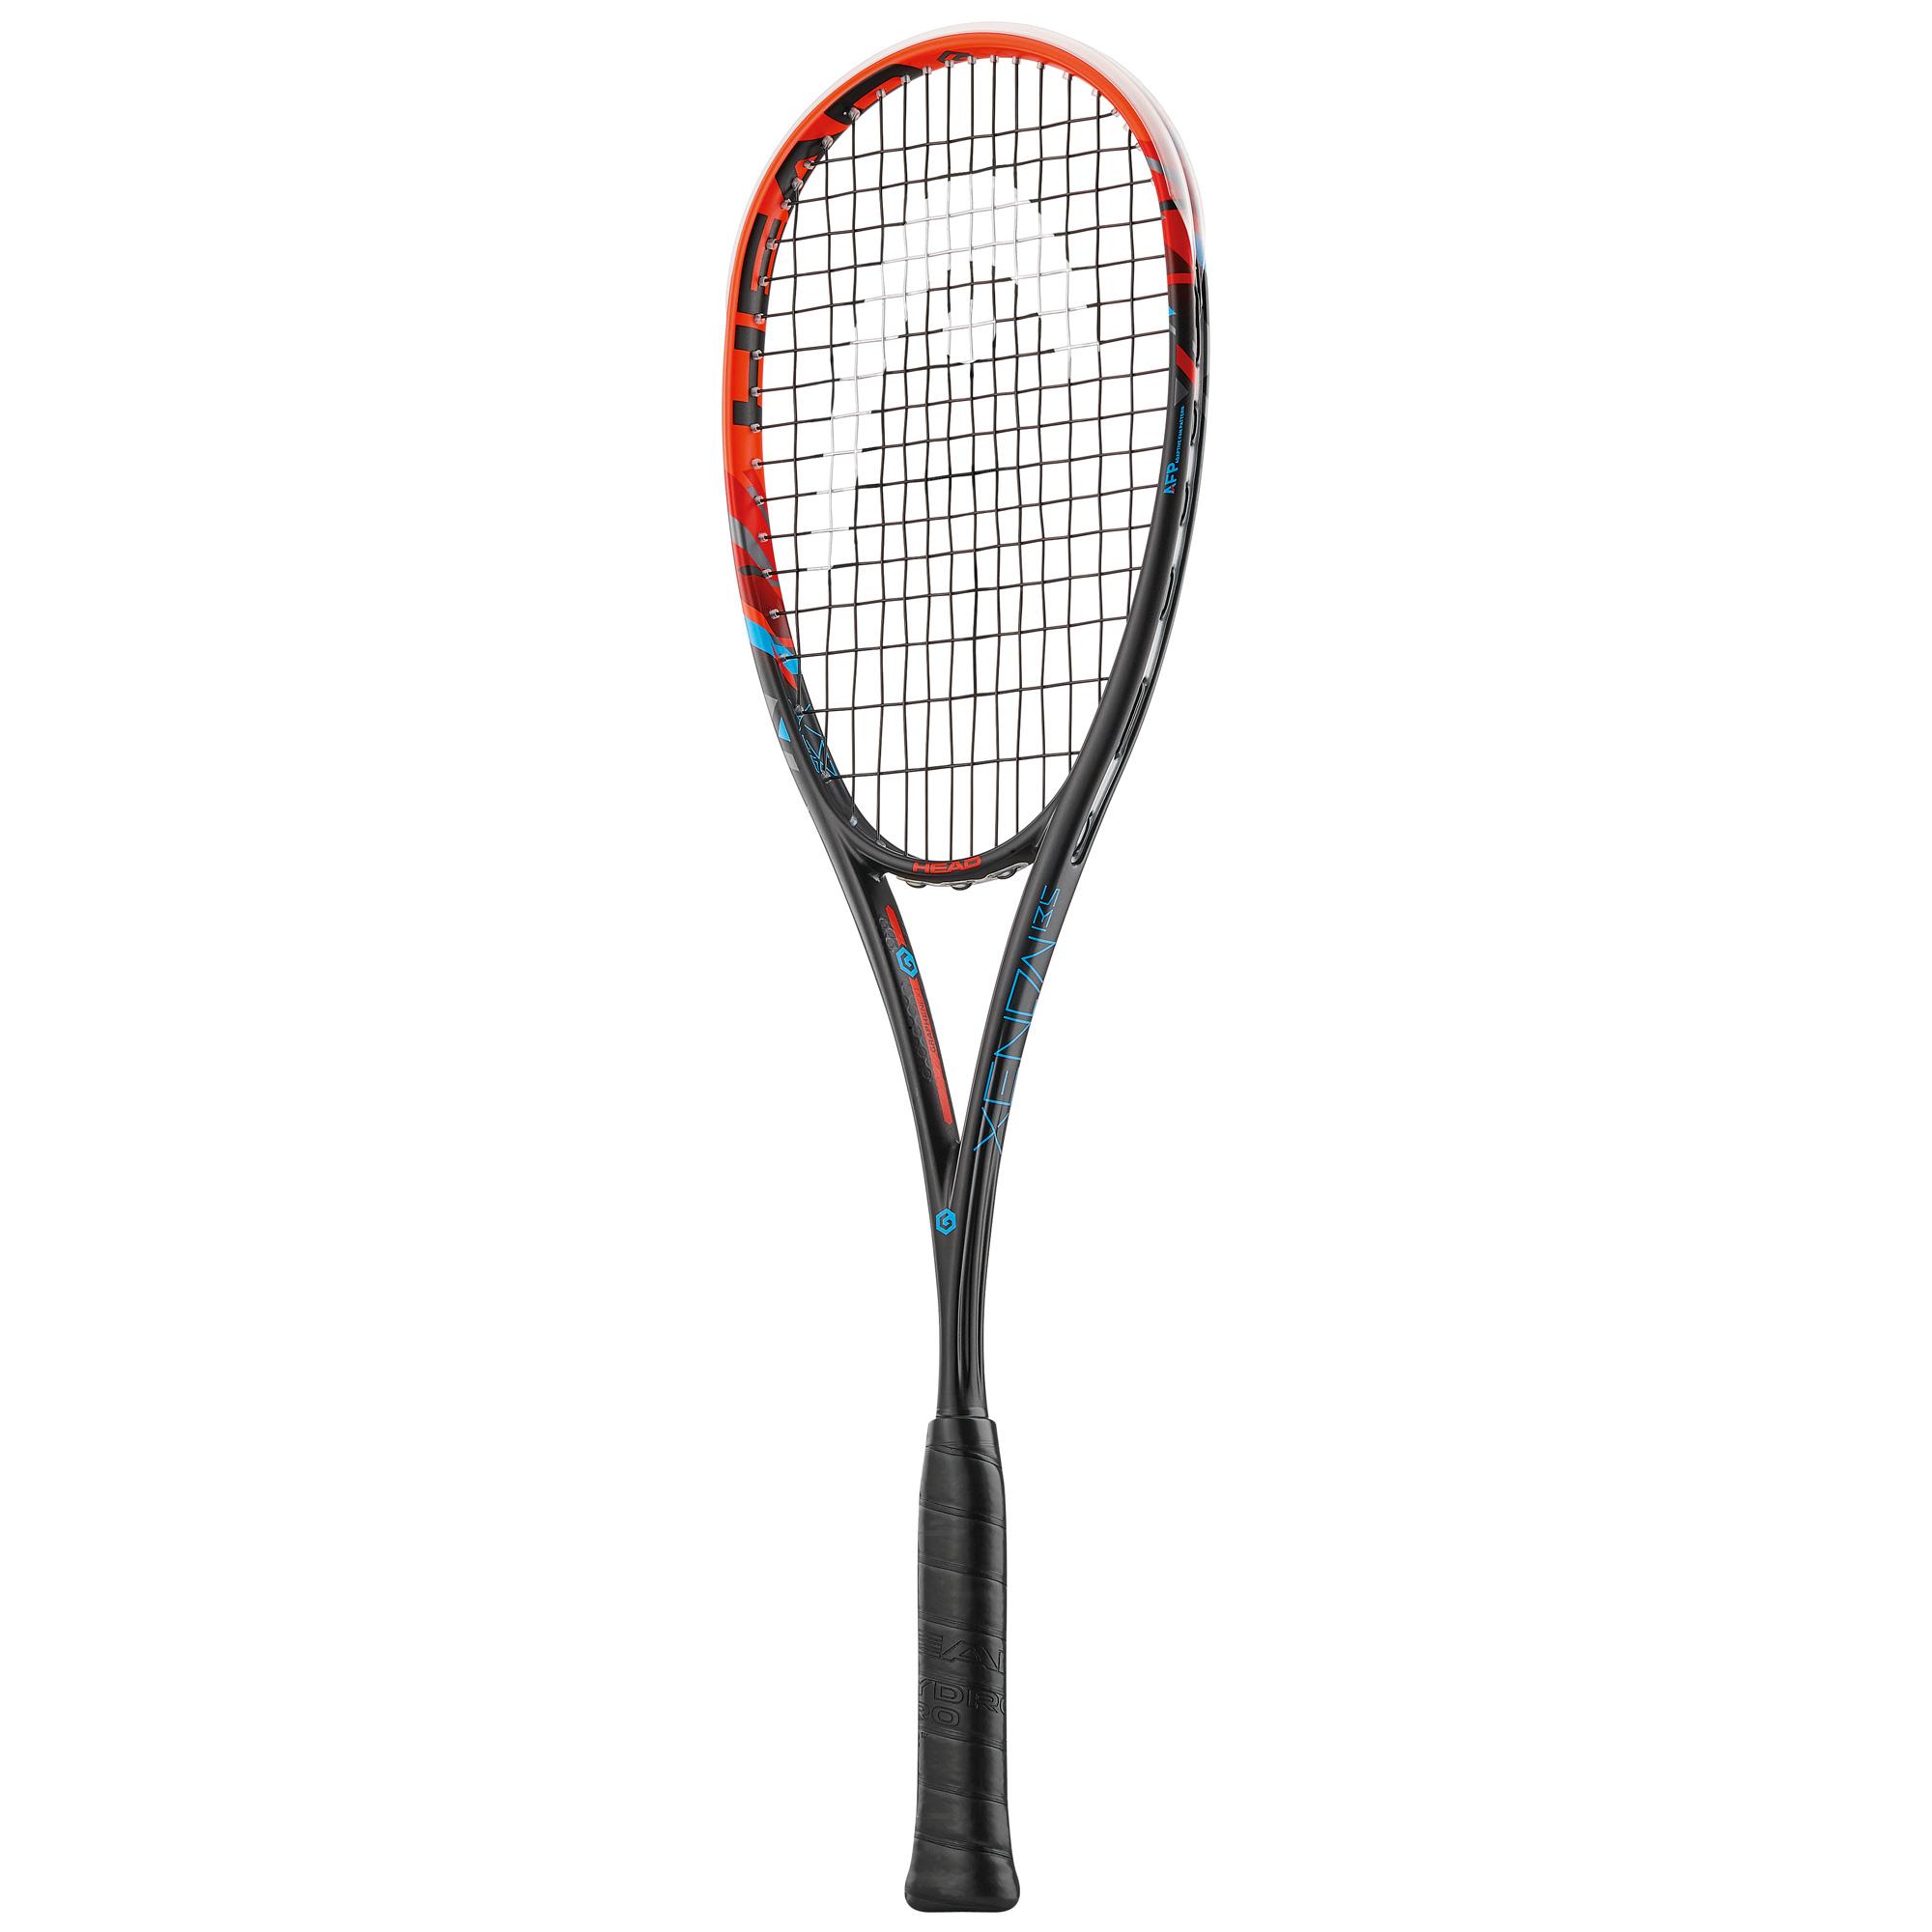 Head Graphene XT Xenon 135 Squash Racket